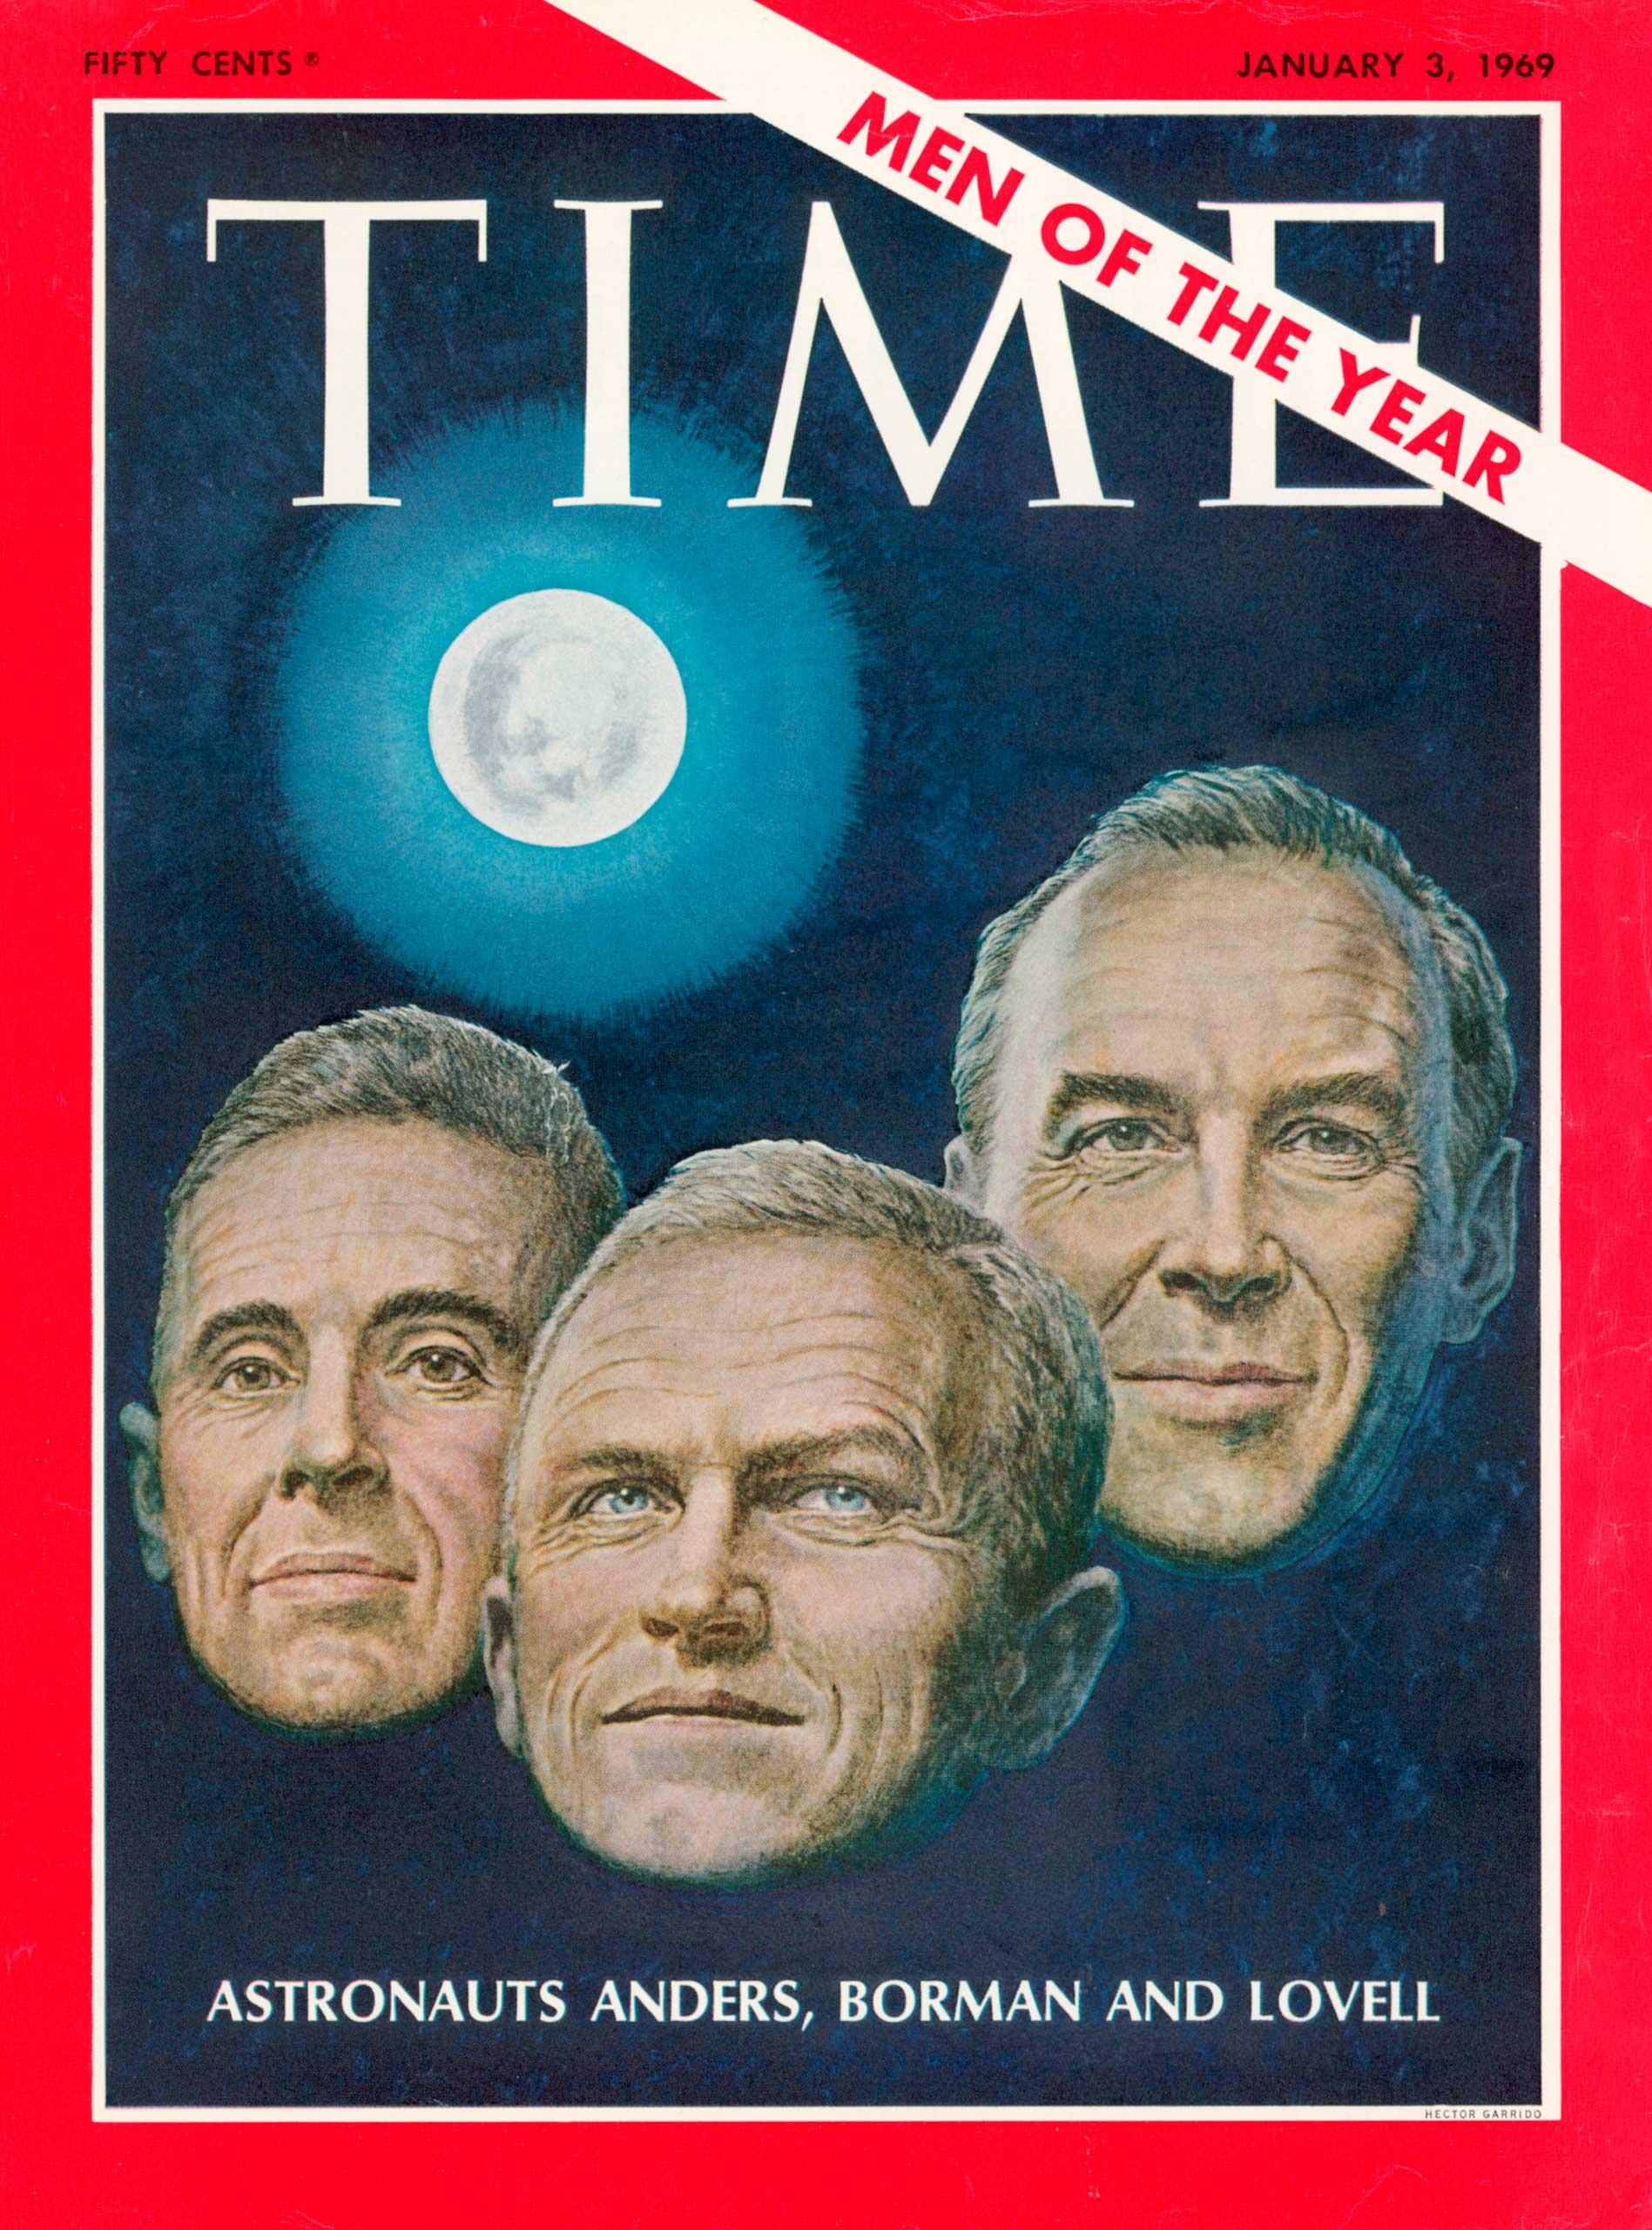 1968: The Apollo 8 astronauts